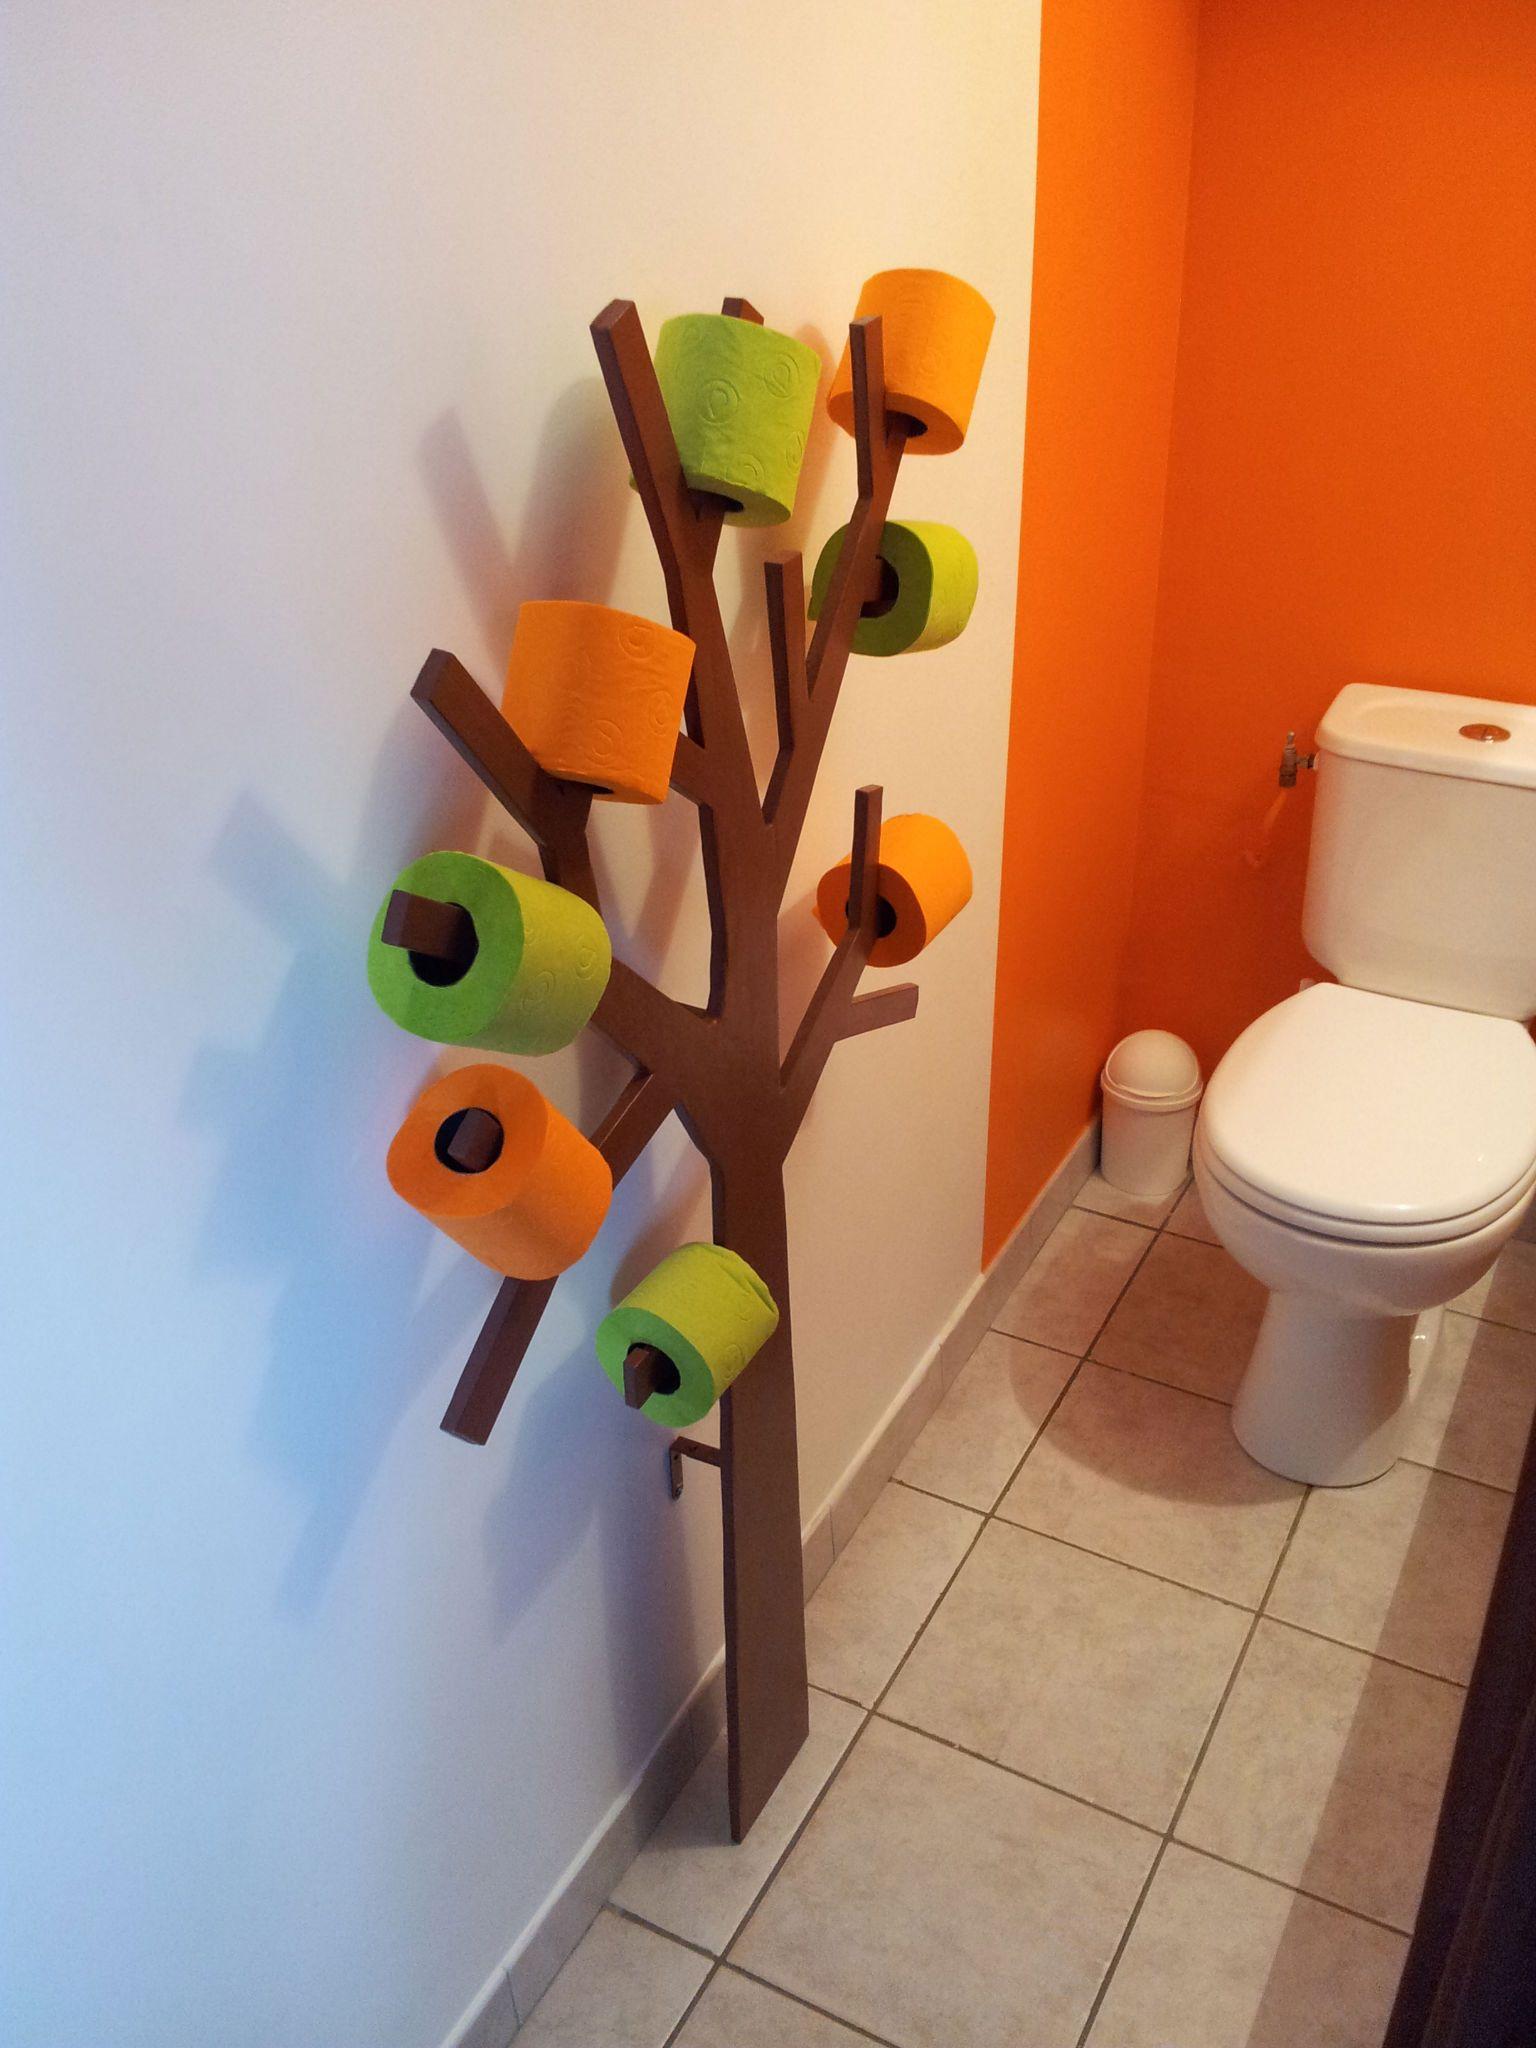 Blog de toutencarton : Toutencarton: lampes, cadres et meubles tout en carton!, Arbre à papier toilette